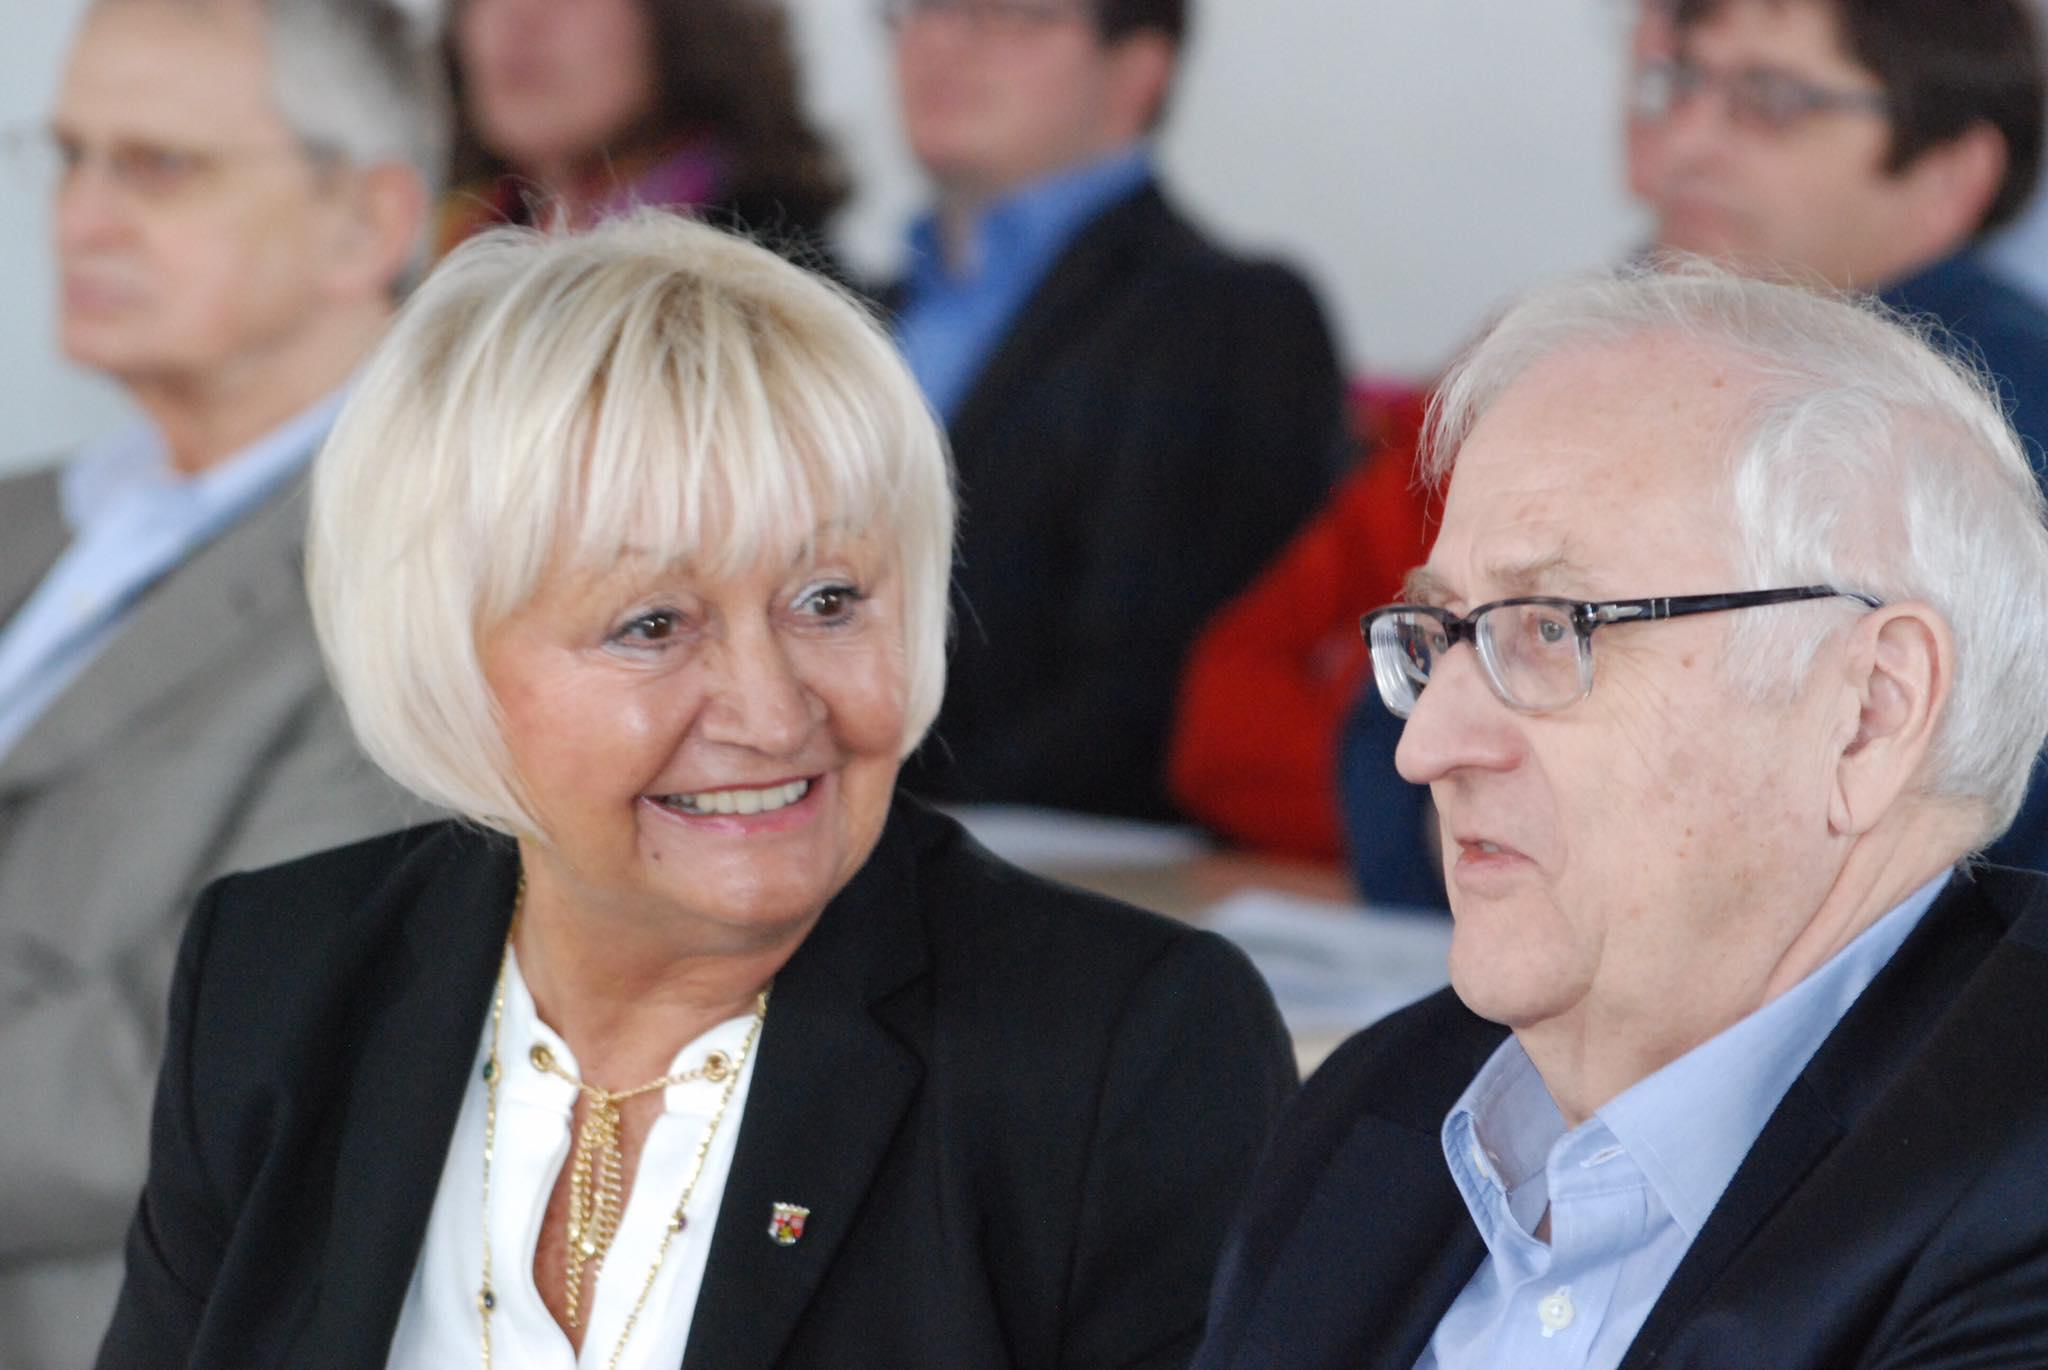 Cornelia Willius-Senzer, Landtagsabgeordnete - Rainer Brüderle, Ehrenvorsitzender FDP RLP